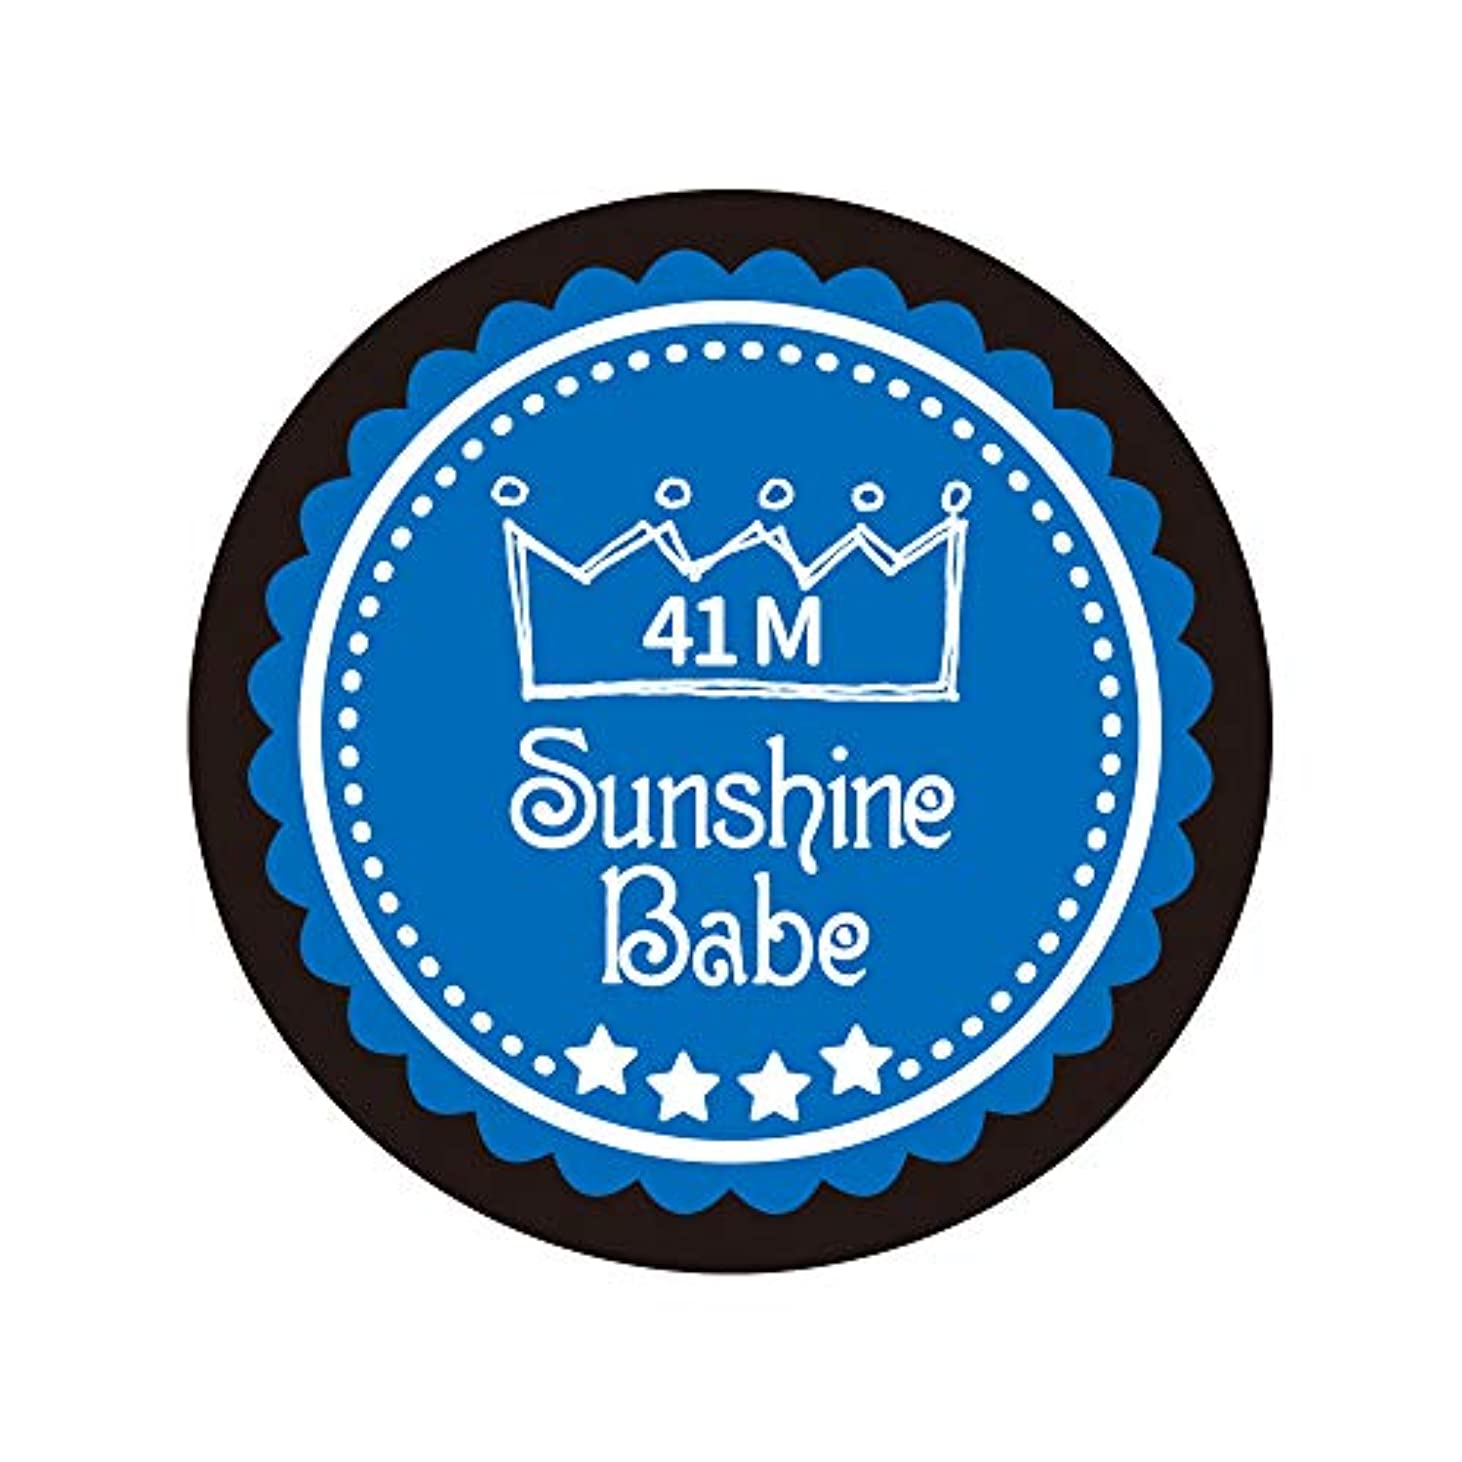 発行する純粋に心配するSunshine Babe カラージェル 41M ネブラスブルー 2.7g UV/LED対応